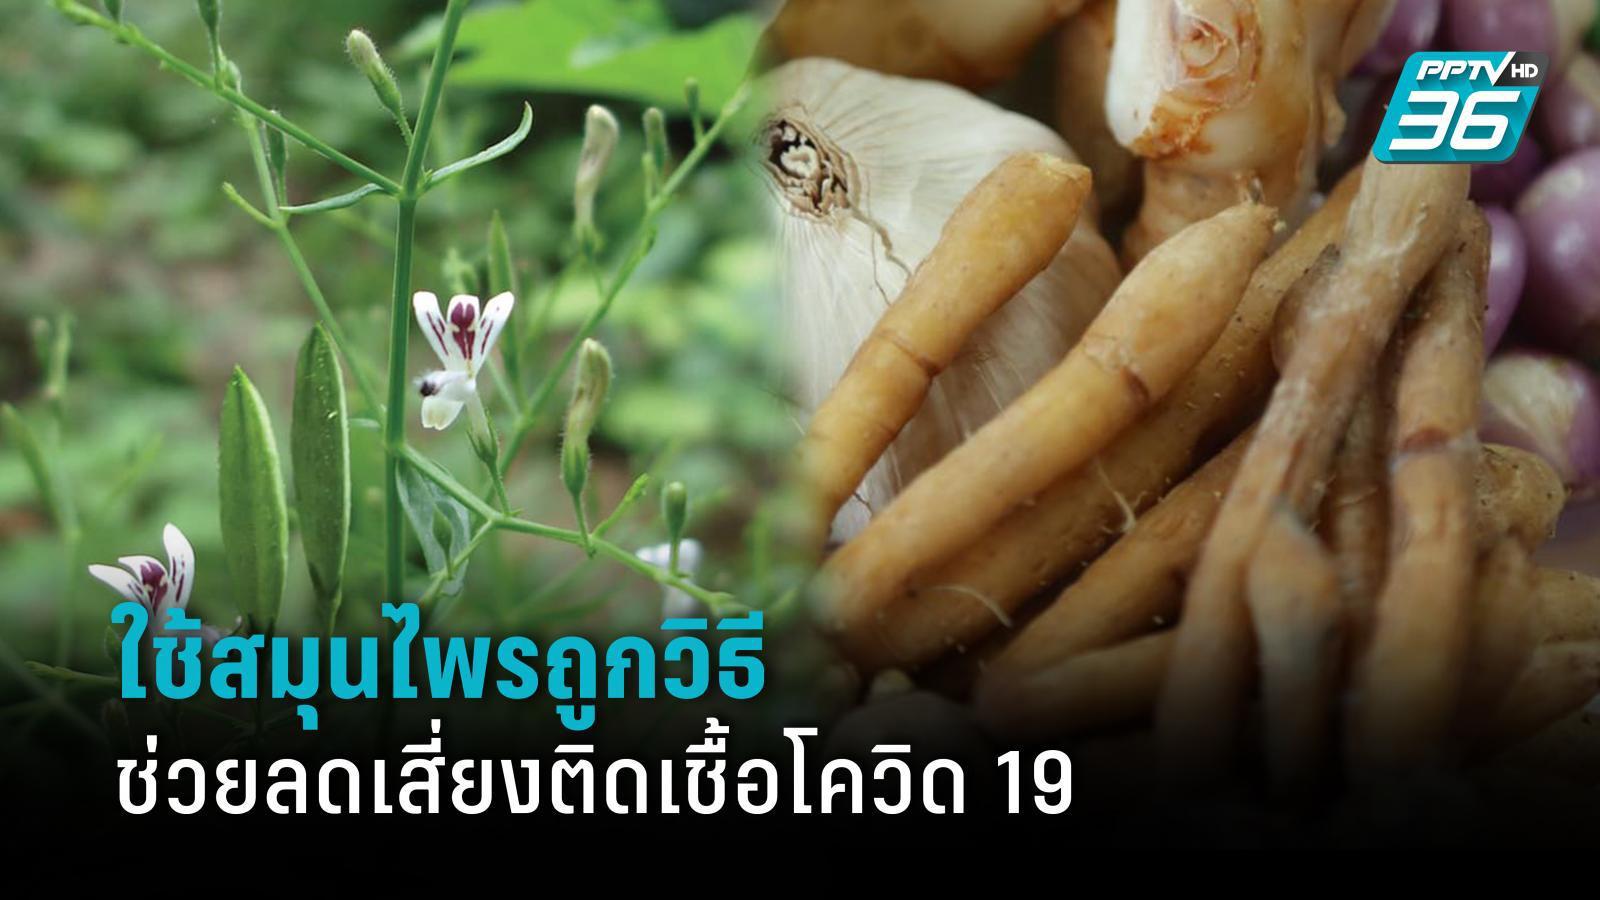 ใช้สมุนไพรไทยดูแลสุขภาพ ถูกวิธีช่วยลดเสี่ยงติดเชื้อโควิด 19